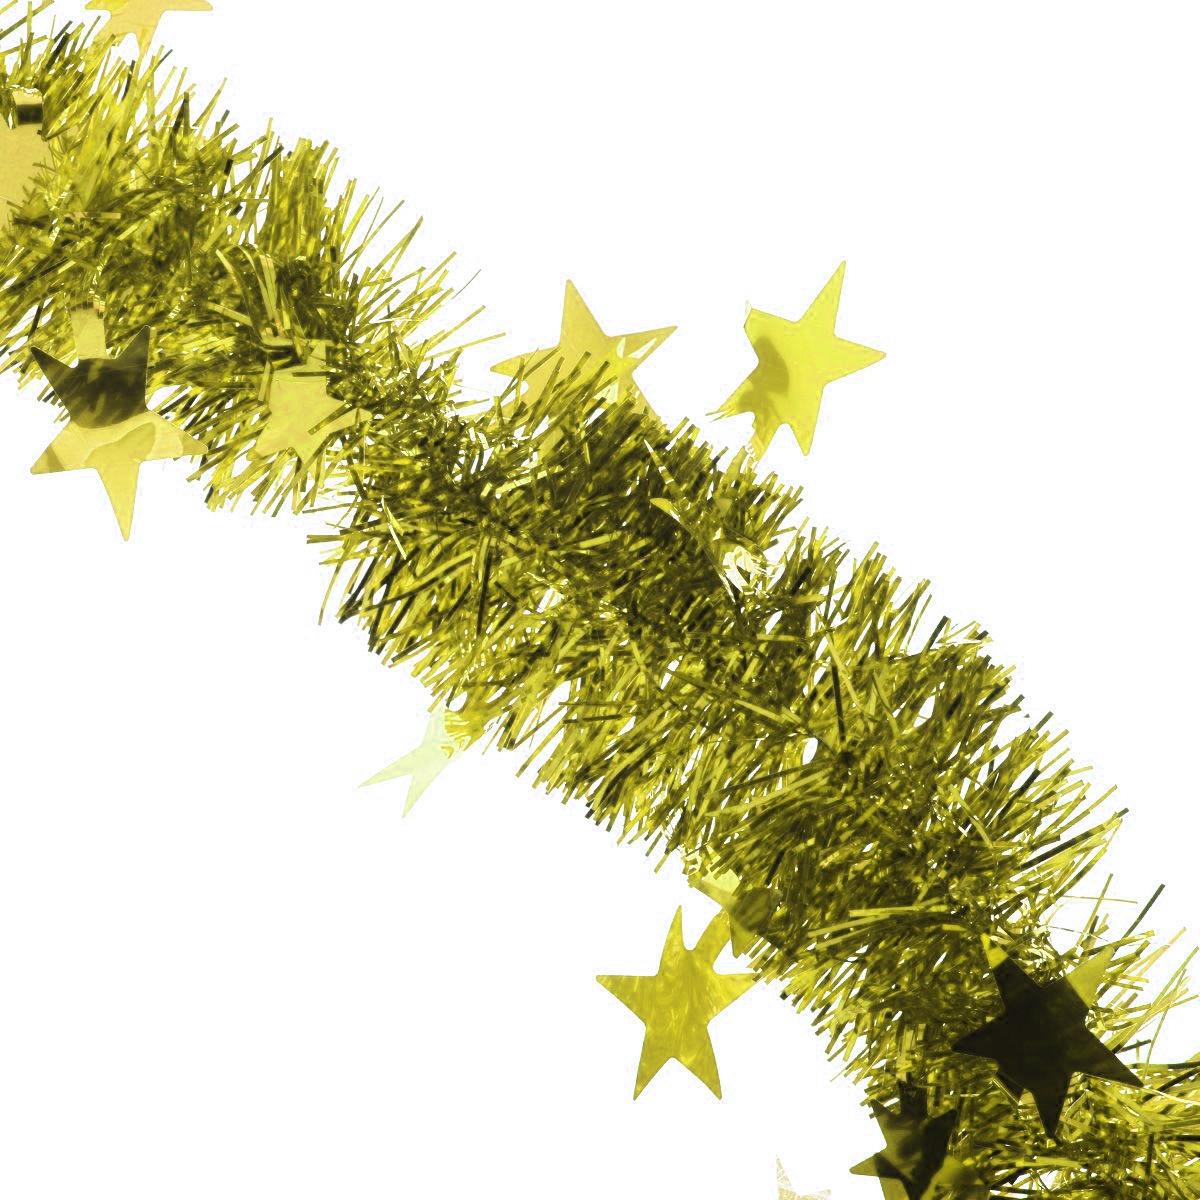 Мишура новогодняя Sima-land, цвет: золотистый, диаметр 5 см, длина 200 см. 702609702609_золотистыйМишура новогодняя Sima-land, выполненная из фольги, поможет вам украсить свой дом к предстоящим праздникам. Мишура армирована, то есть имеет проволоку внутри и способна сохранять приданную ей форму.Новогодняя елка с таким украшением станет еще наряднее. Новогодней мишурой можно украсить все, что угодно - елку, квартиру, дачу, офис - как внутри, так и снаружи. Можно сложить новогодние поздравления, буквы и цифры, мишурой можно украсить и дополнить гирлянды, можно выделить дверные колонны, оплести дверные проемы. Коллекция декоративных украшений из серии Зимнее волшебство принесет в ваш дом ни с чем несравнимое ощущение праздника! Создайте в своем доме атмосферу тепла, веселья и радости, украшая его всей семьей.